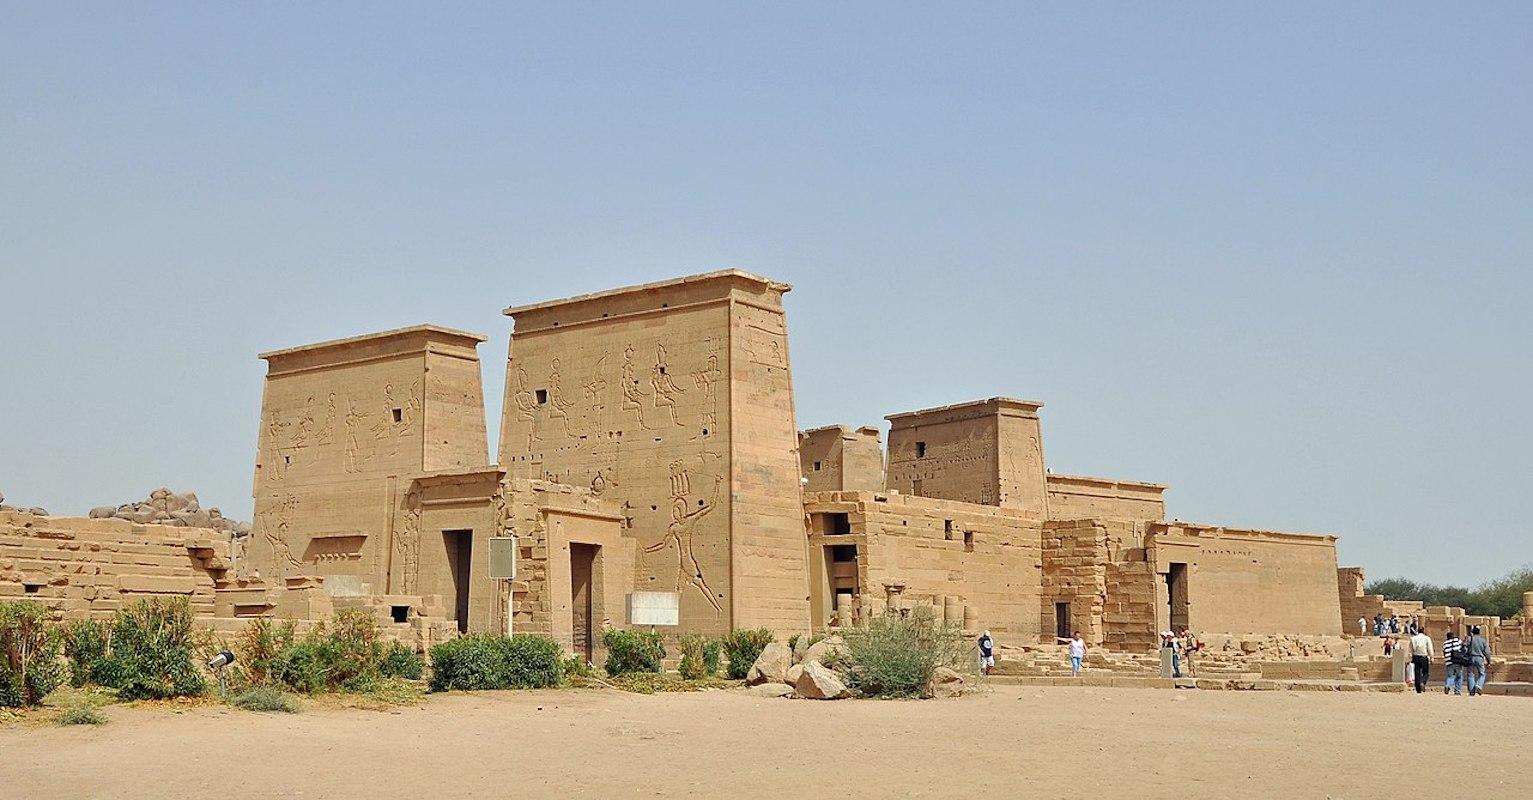 Ferramentas de rituais antigos são descobertas em local faraônico no norte do Egito